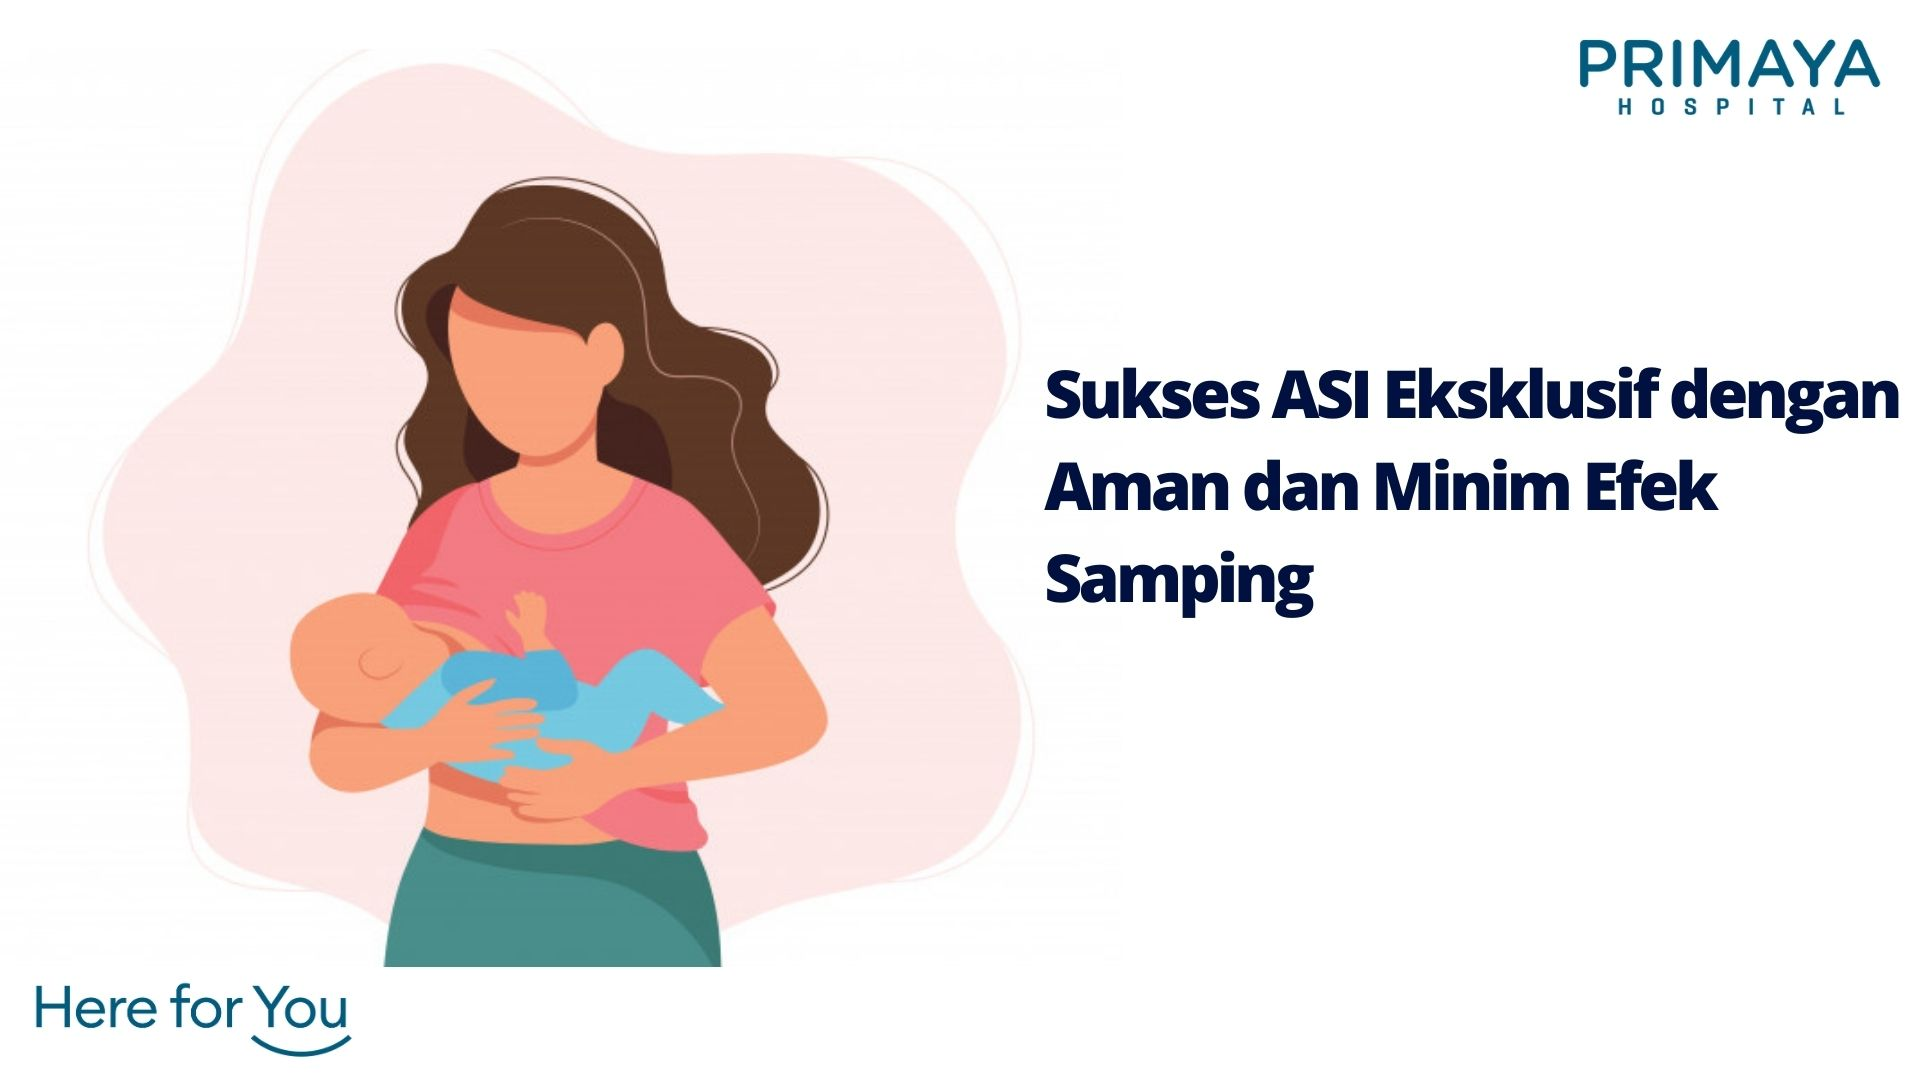 Sukses ASI Eksklusif dengan Aman dan Minim Efek Samping